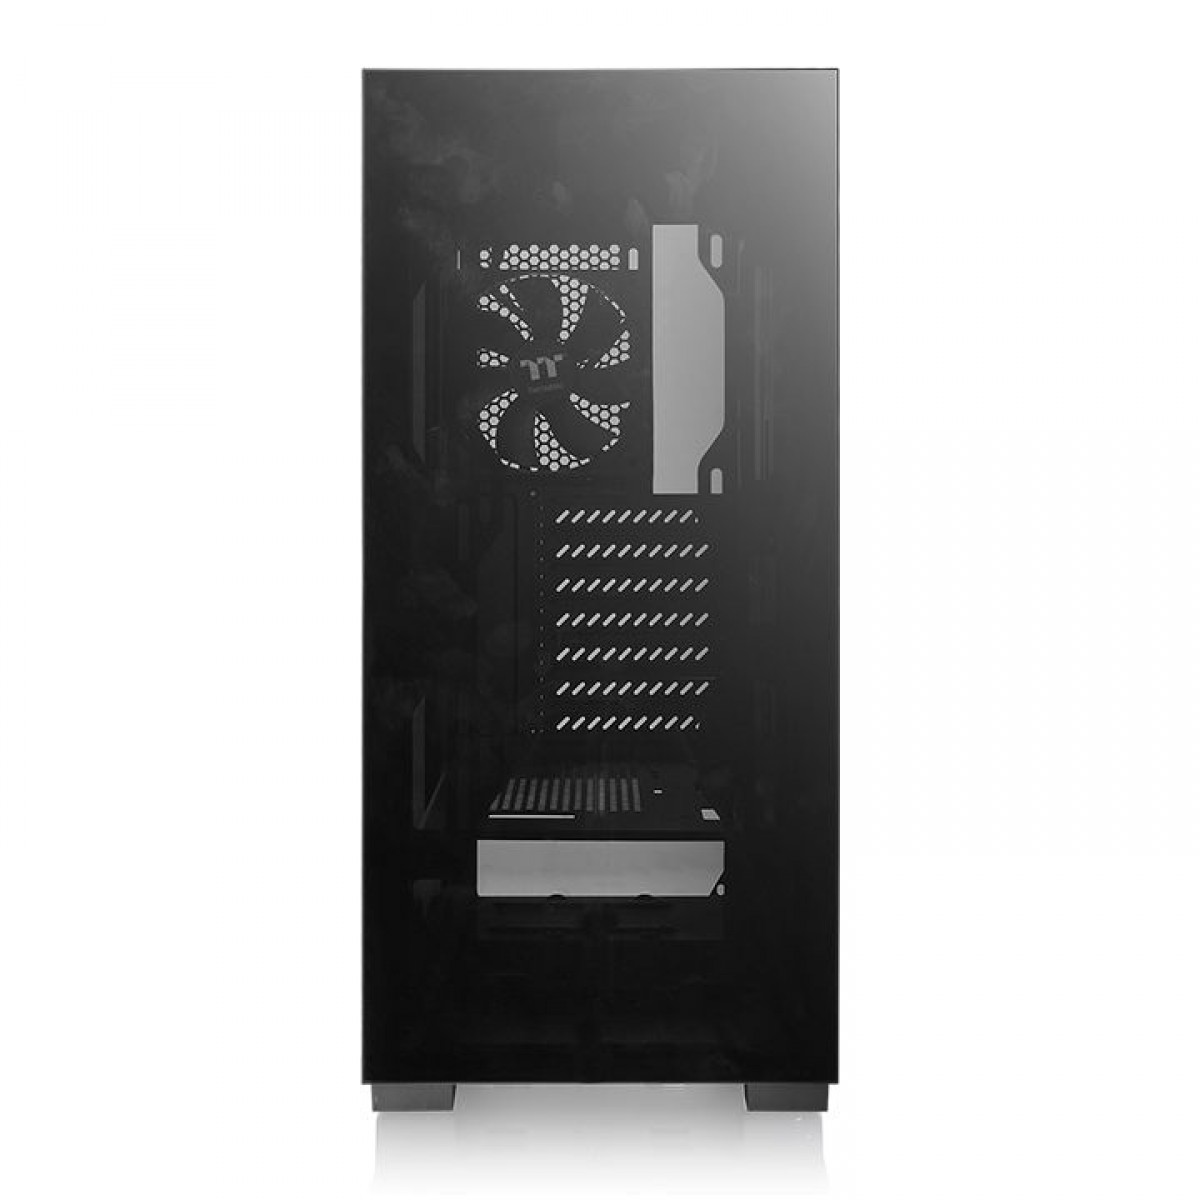 Gabinete Gamer Thermaltake Versa T25, Mid Tower, Vidro Temperado, Black, ATX, Sem Fonte, Com 1 Fan, CA-1R5-00M1WN-00